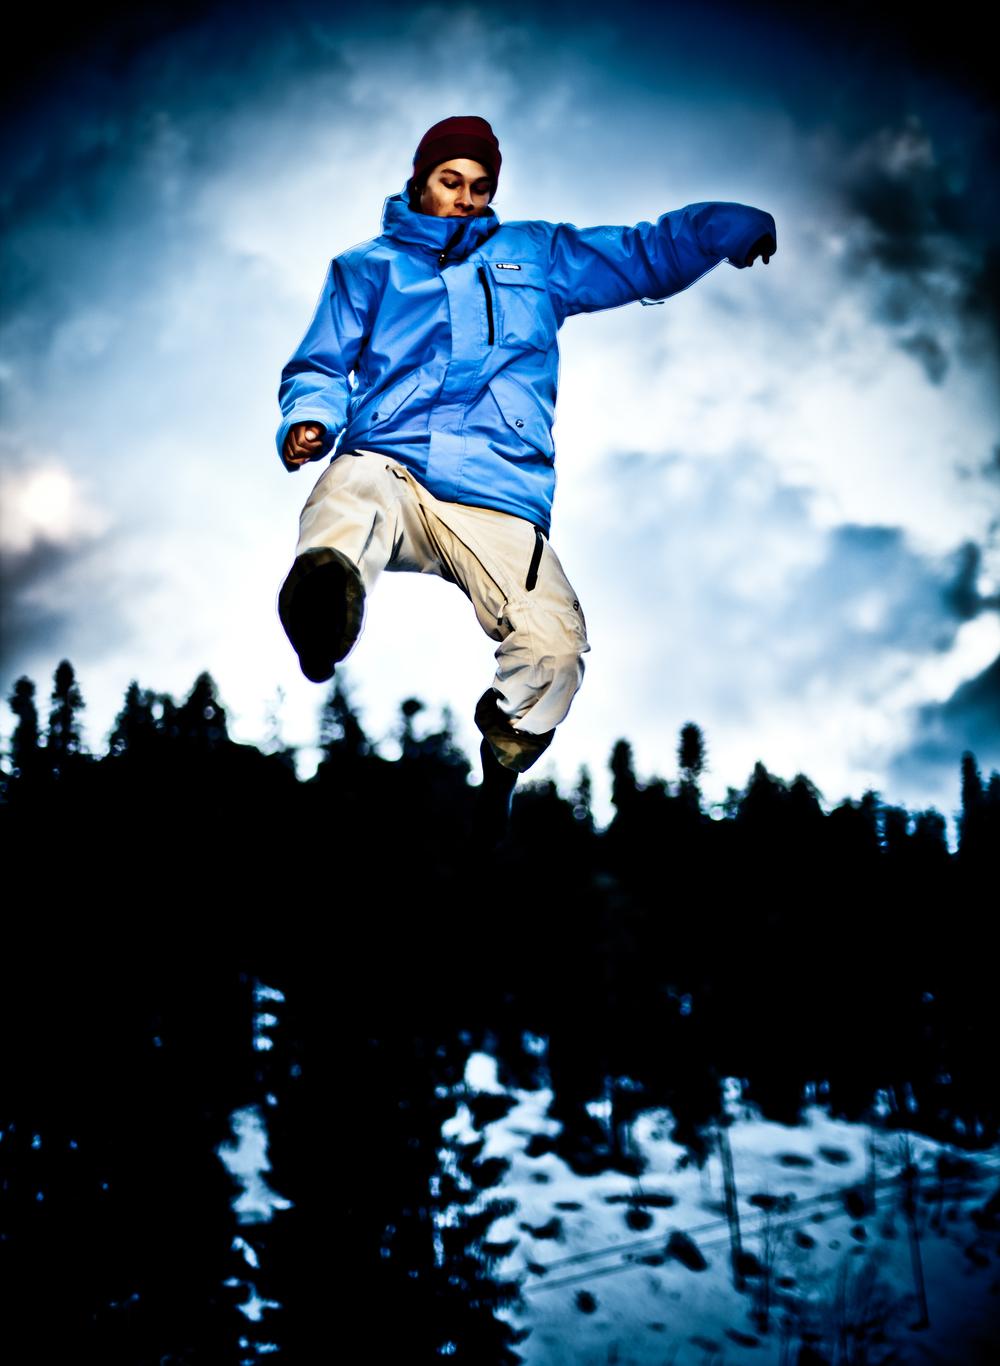 week-9---aprs-ski_15440509207_o.jpg